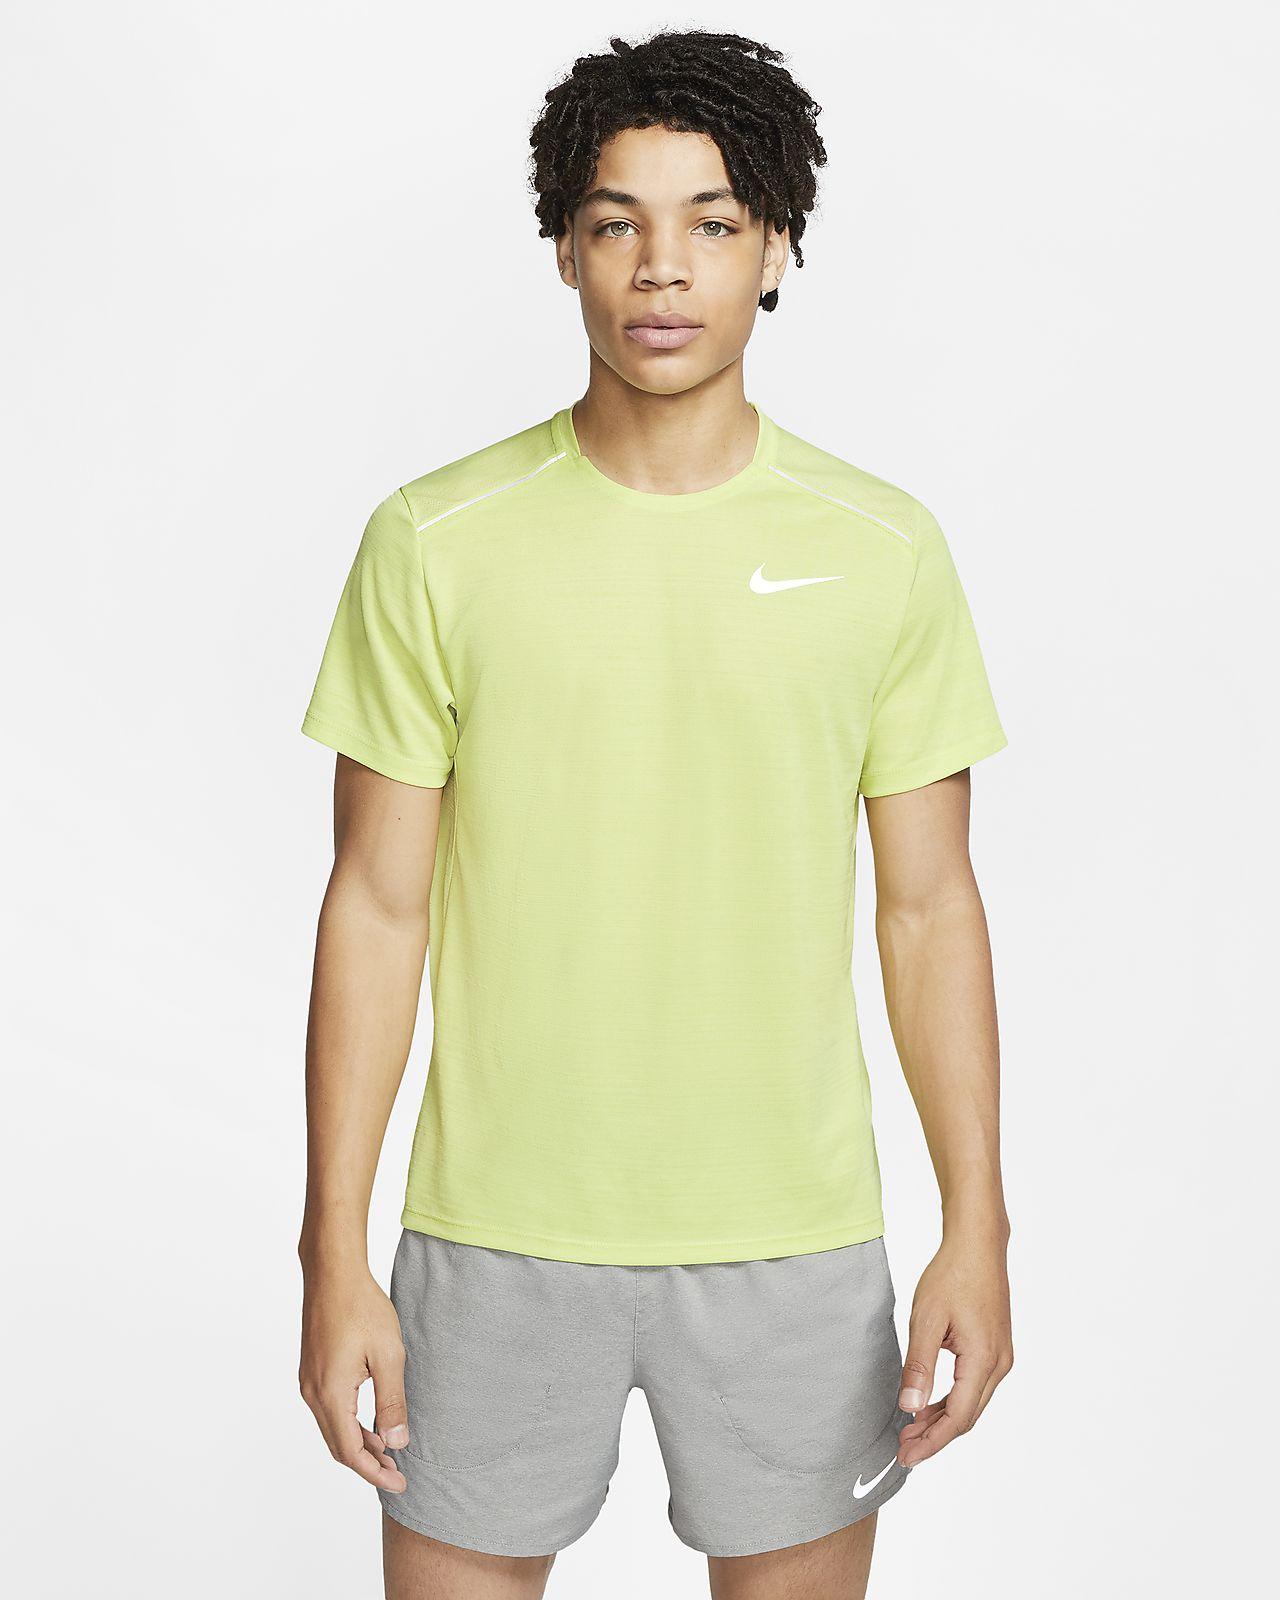 Prenda superior de running de manga corta para hombre Nike Dri-FIT Miler